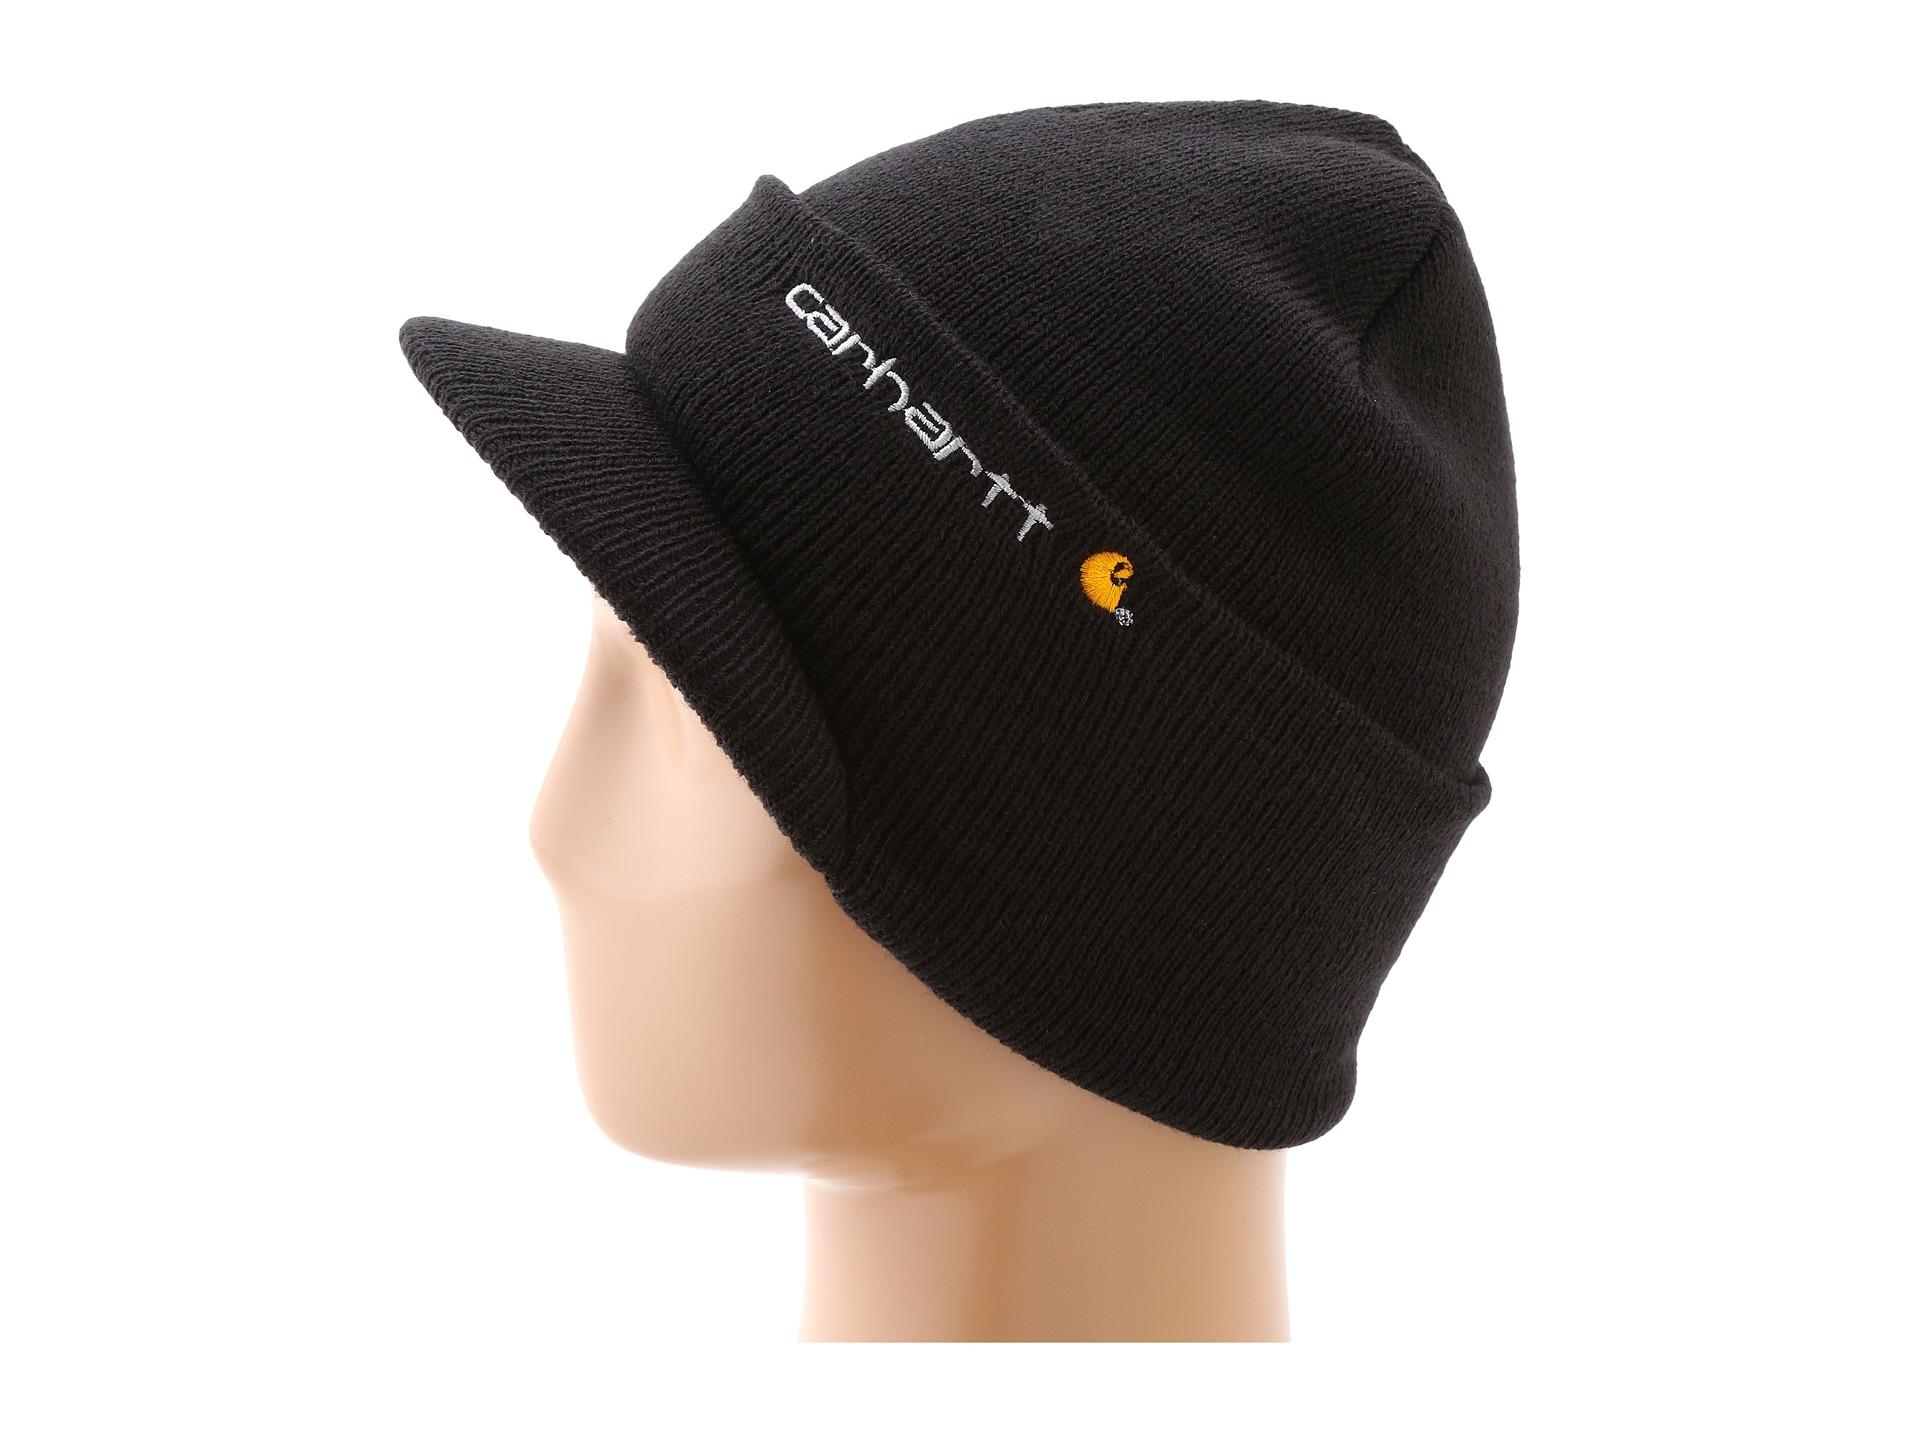 Lyst - Carhartt Knit Hat With Visor in Black for Men 0014fe4f2e7